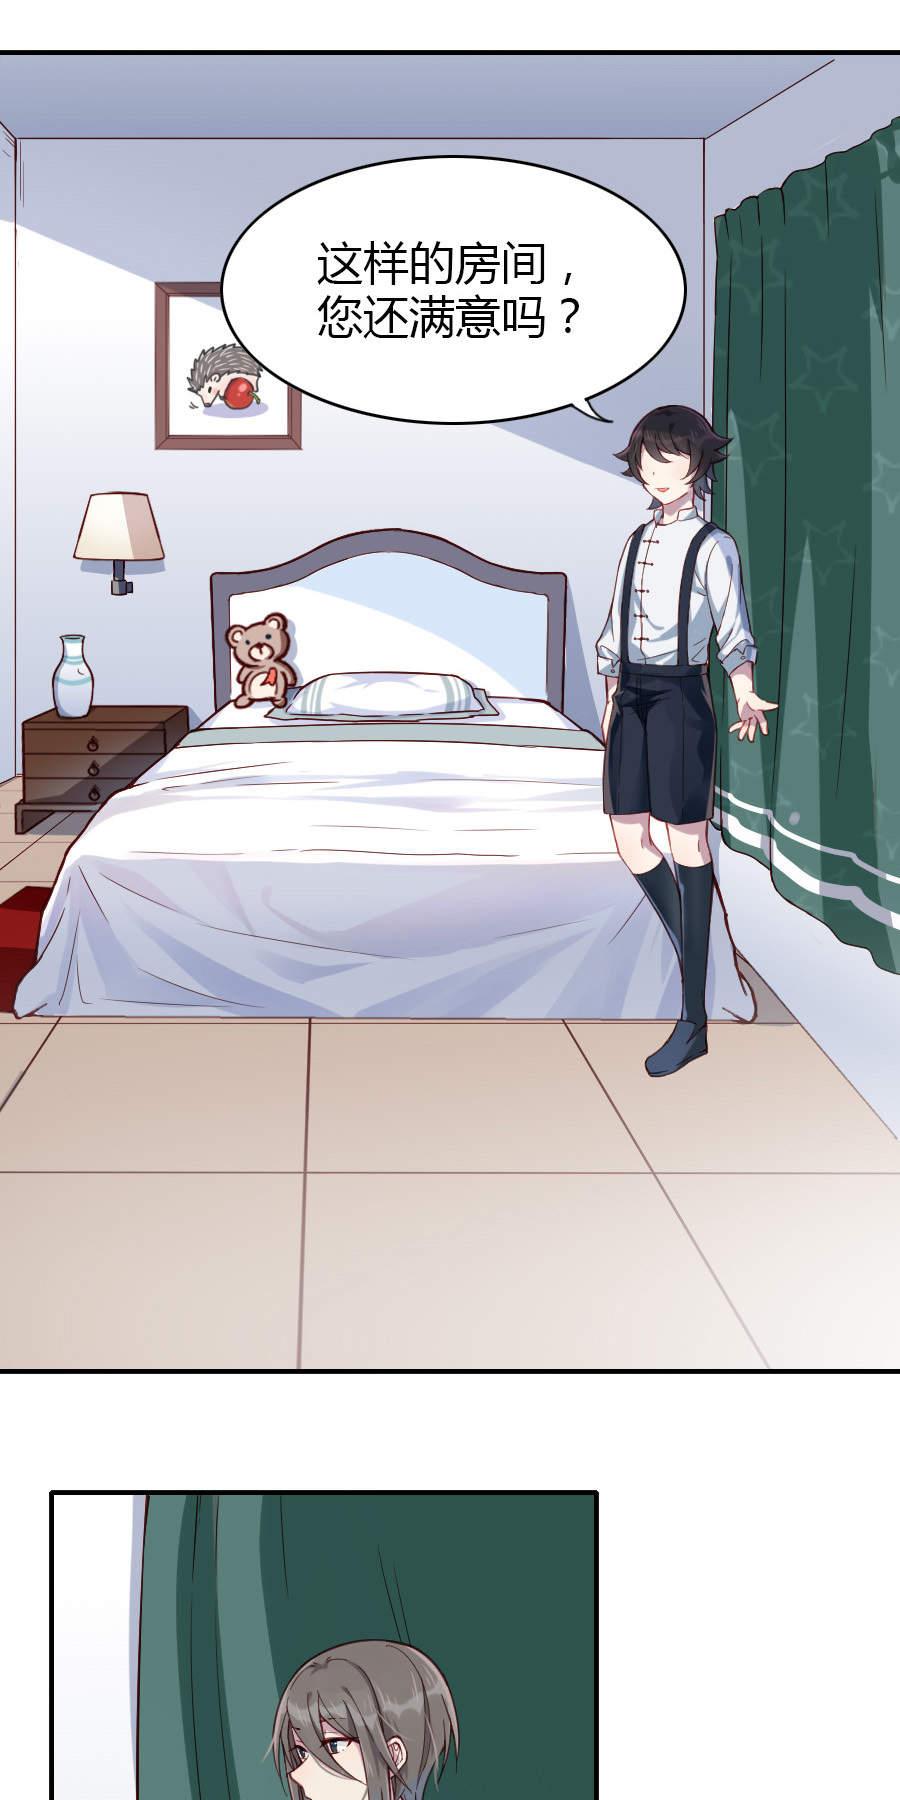 少年游第16话  障妖 梦与约定 第 6